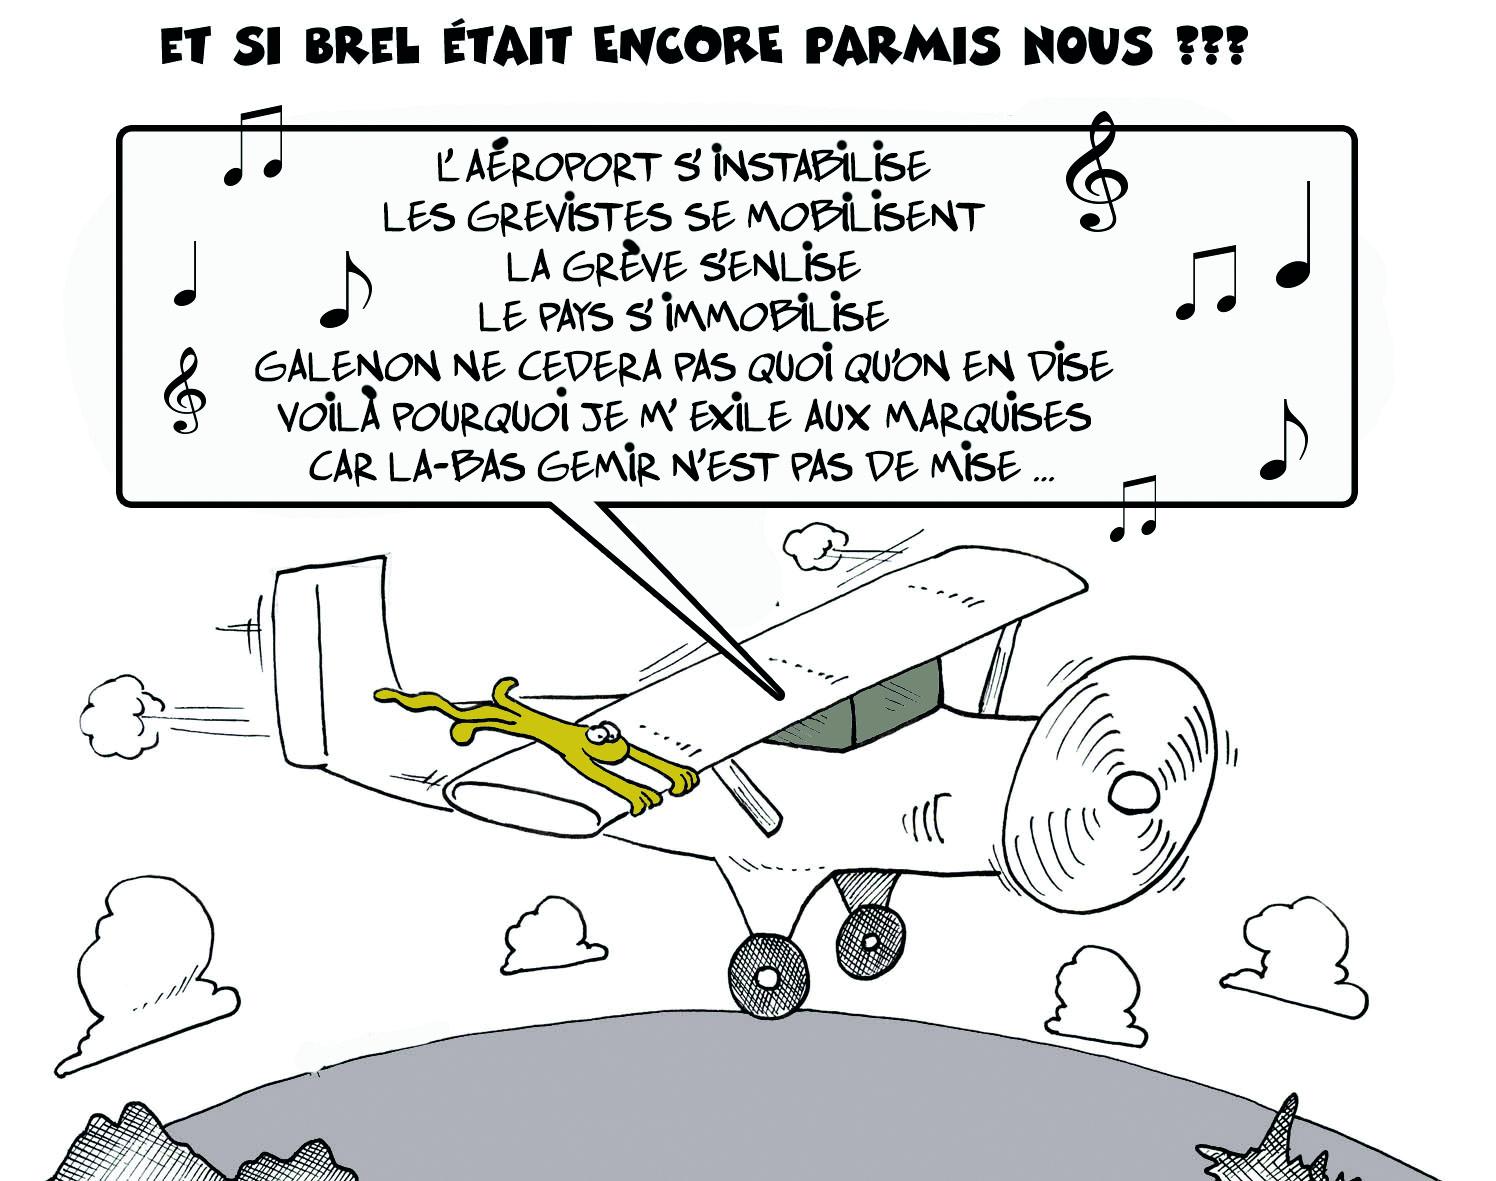 """"""" La grève s'enlise """" par Munoz"""